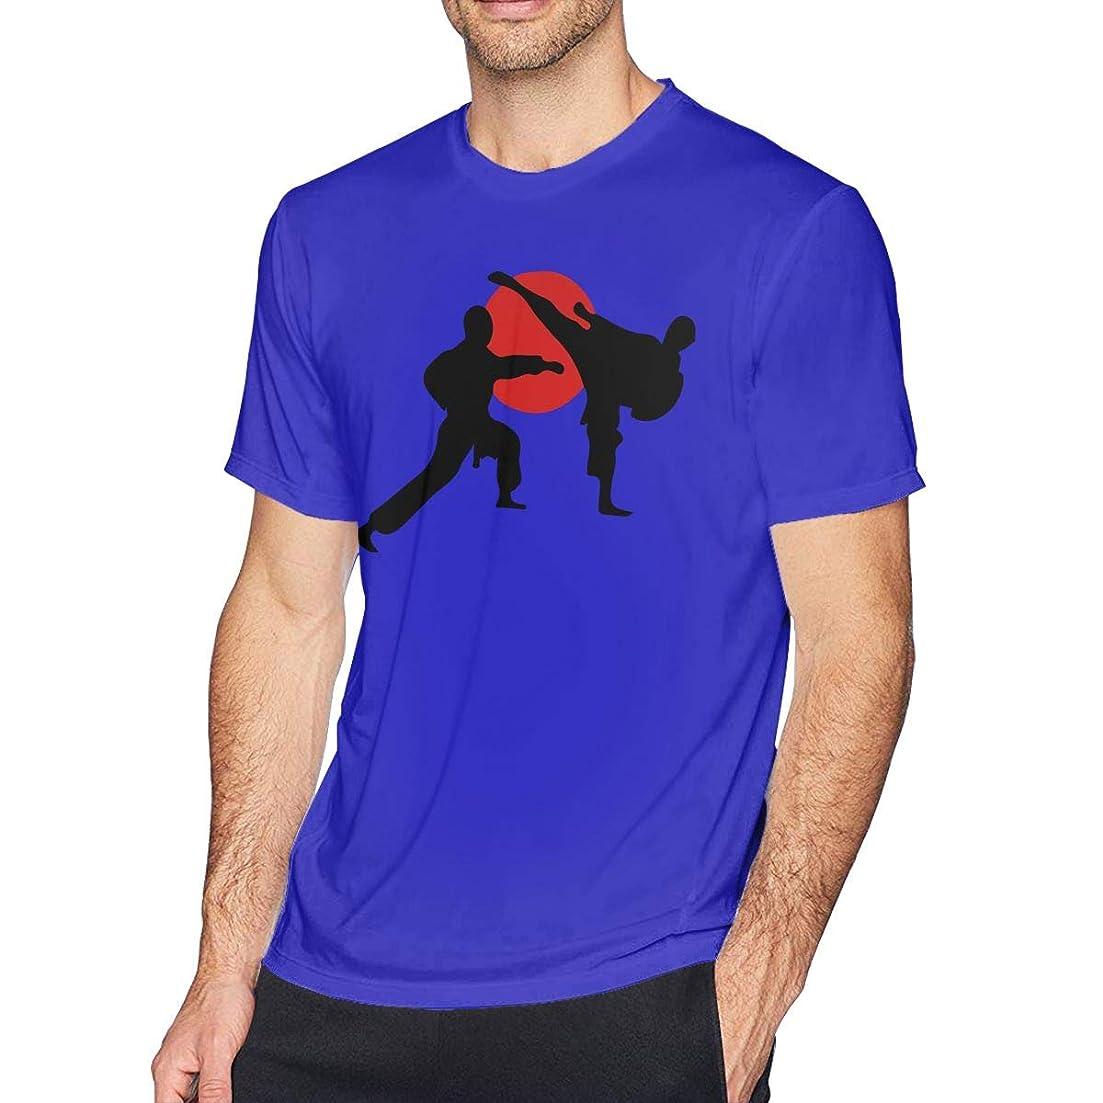 安心させる付録仕事に行く2人の空手道 Tシャツ メンズ クルーネックトップス 半袖 スポーツ トレーニング シャツ 無地 通勤 通学